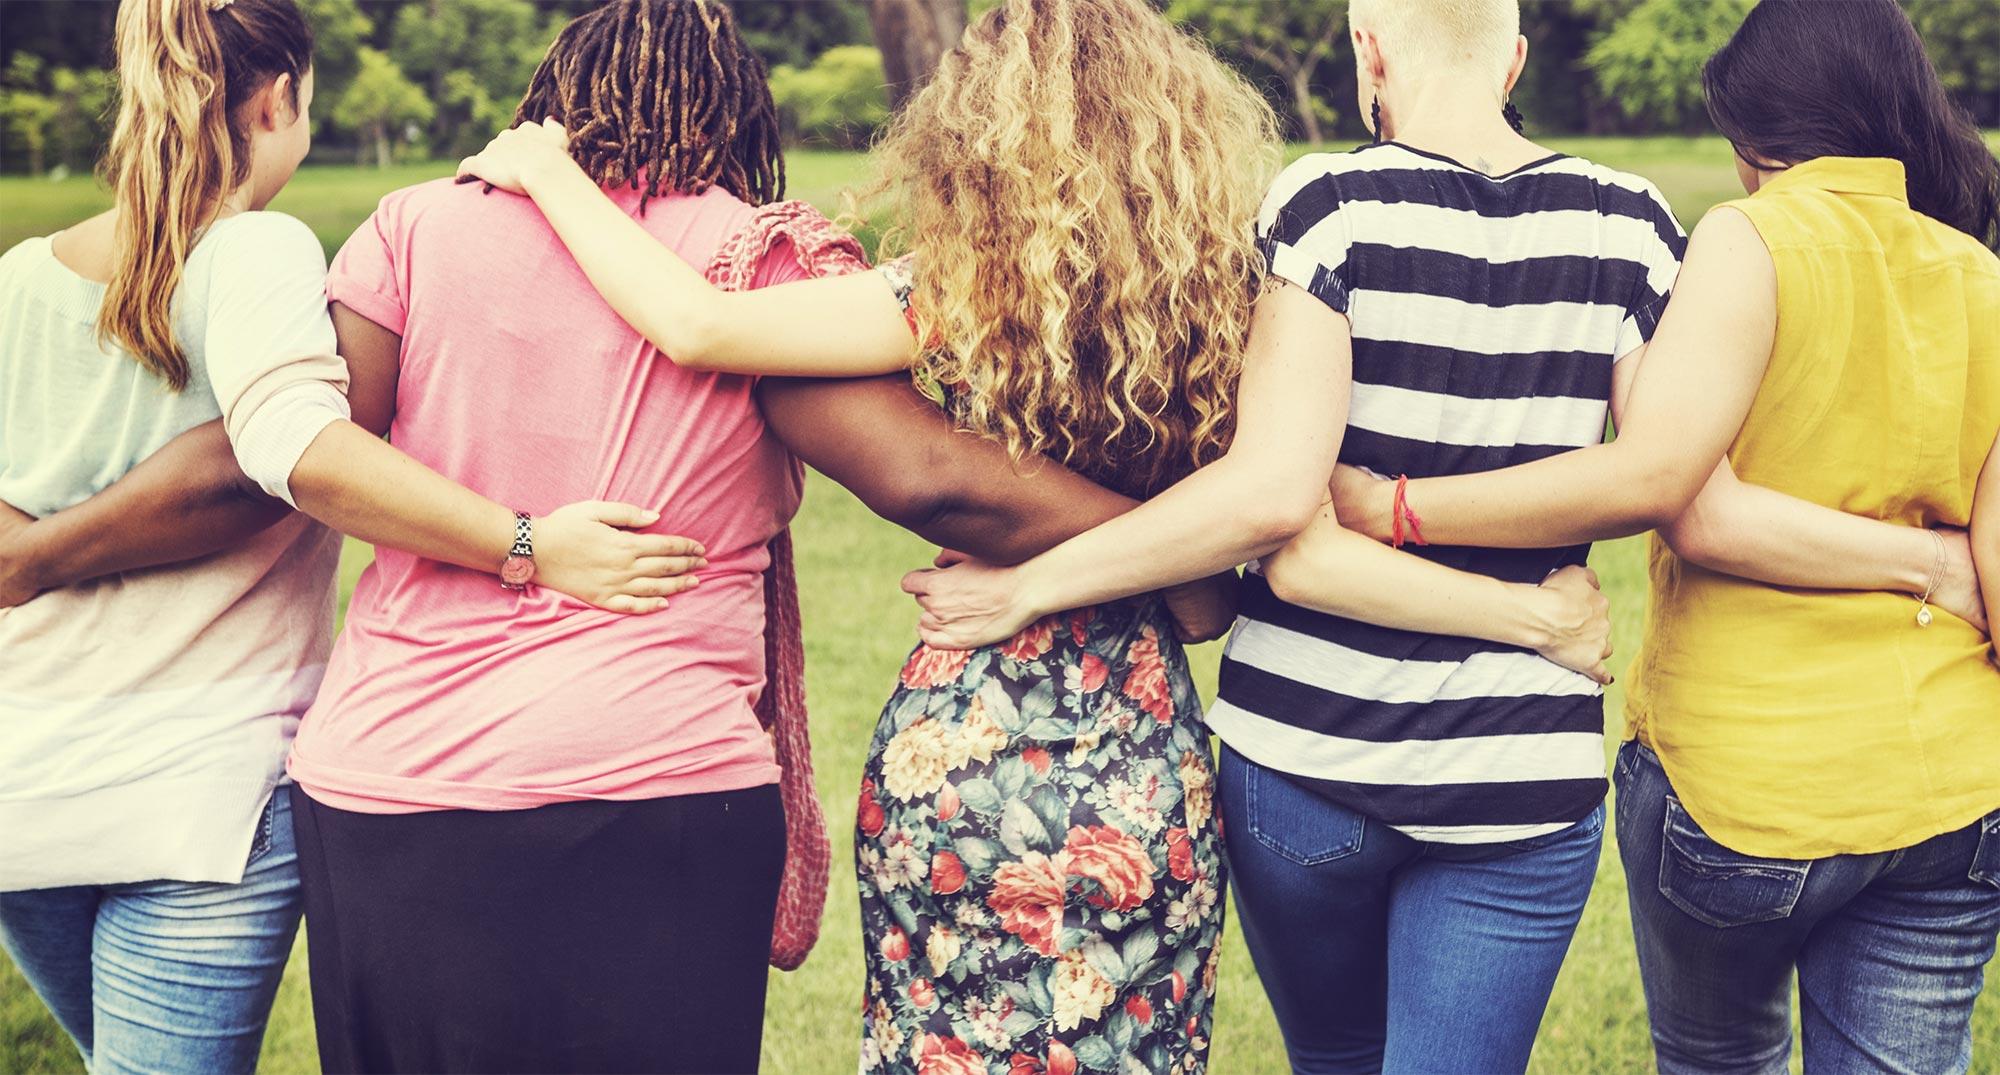 Bassi livelli di testosterone e incontinenza femminile: esiste una correlazione?